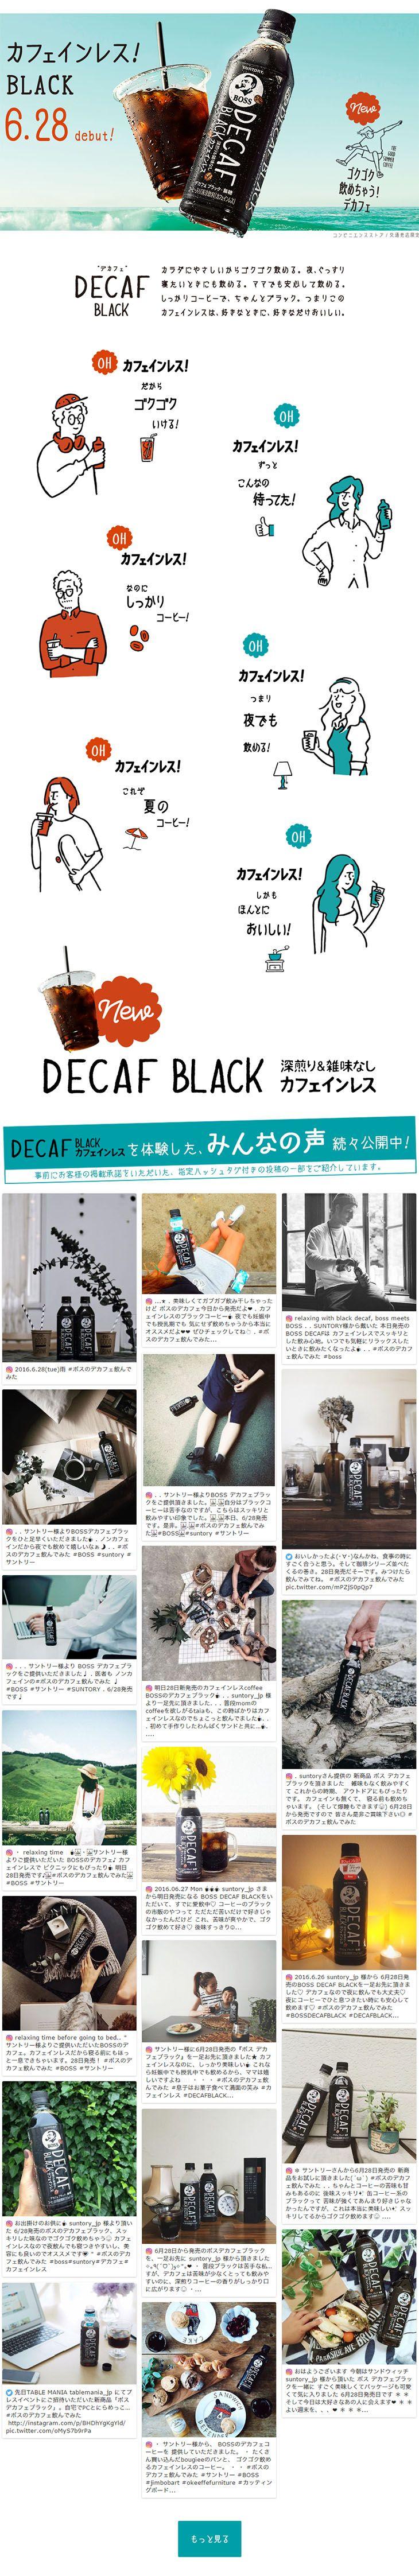 ランディングページ LP DECAF BLACK|飲料・お酒|自社サイト